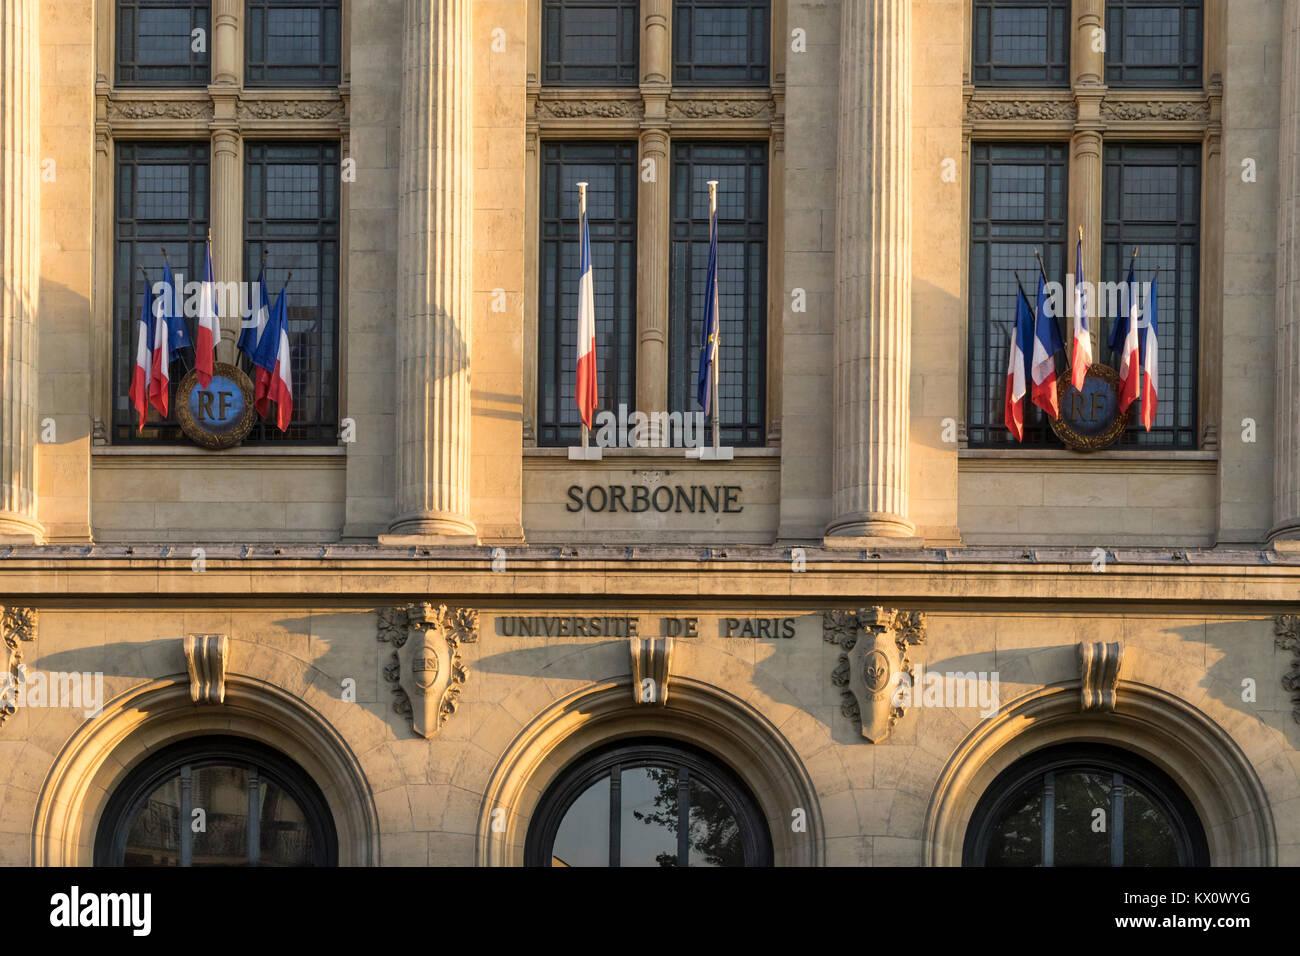 Sorbonne, University of Paris, Paris France - Stock Image